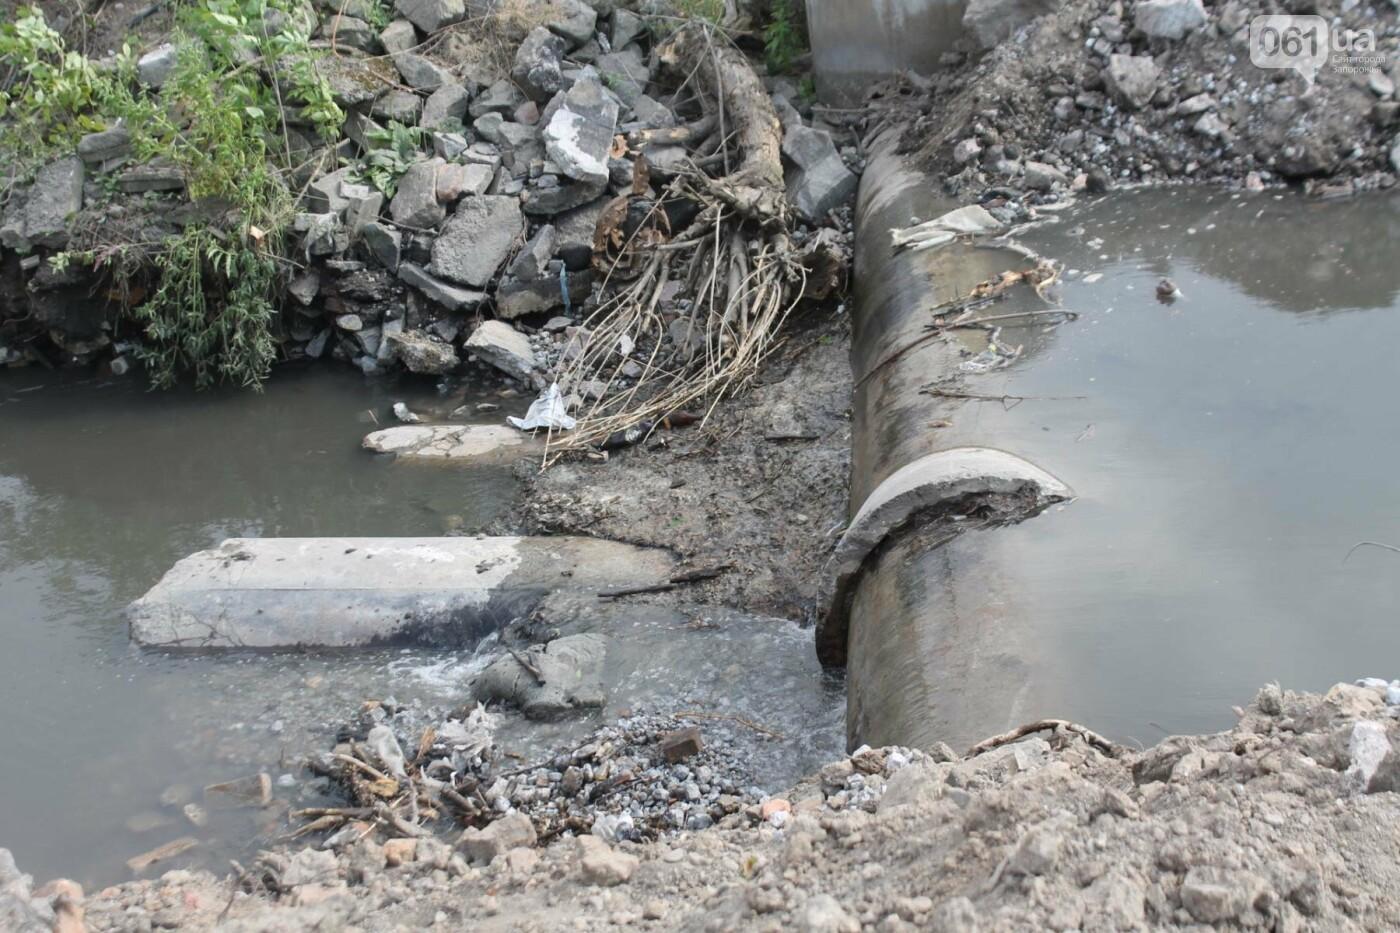 В Запорожье продолжается многомиллионная расчистка русла реки на Верхней Хортице, – ФОТОРЕПОРТАЖ, фото-9